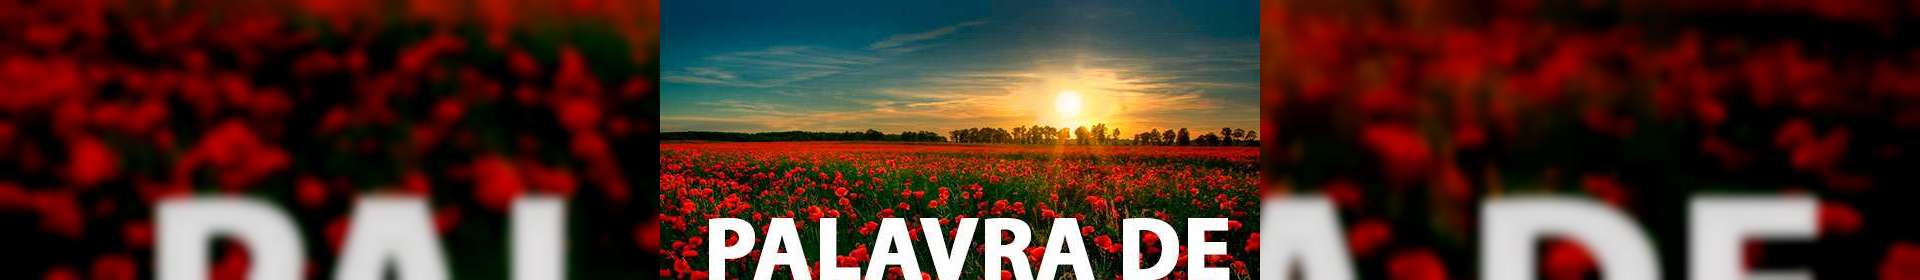 Salmos 110:3 - Uma Palavra de Esperança para sua vida